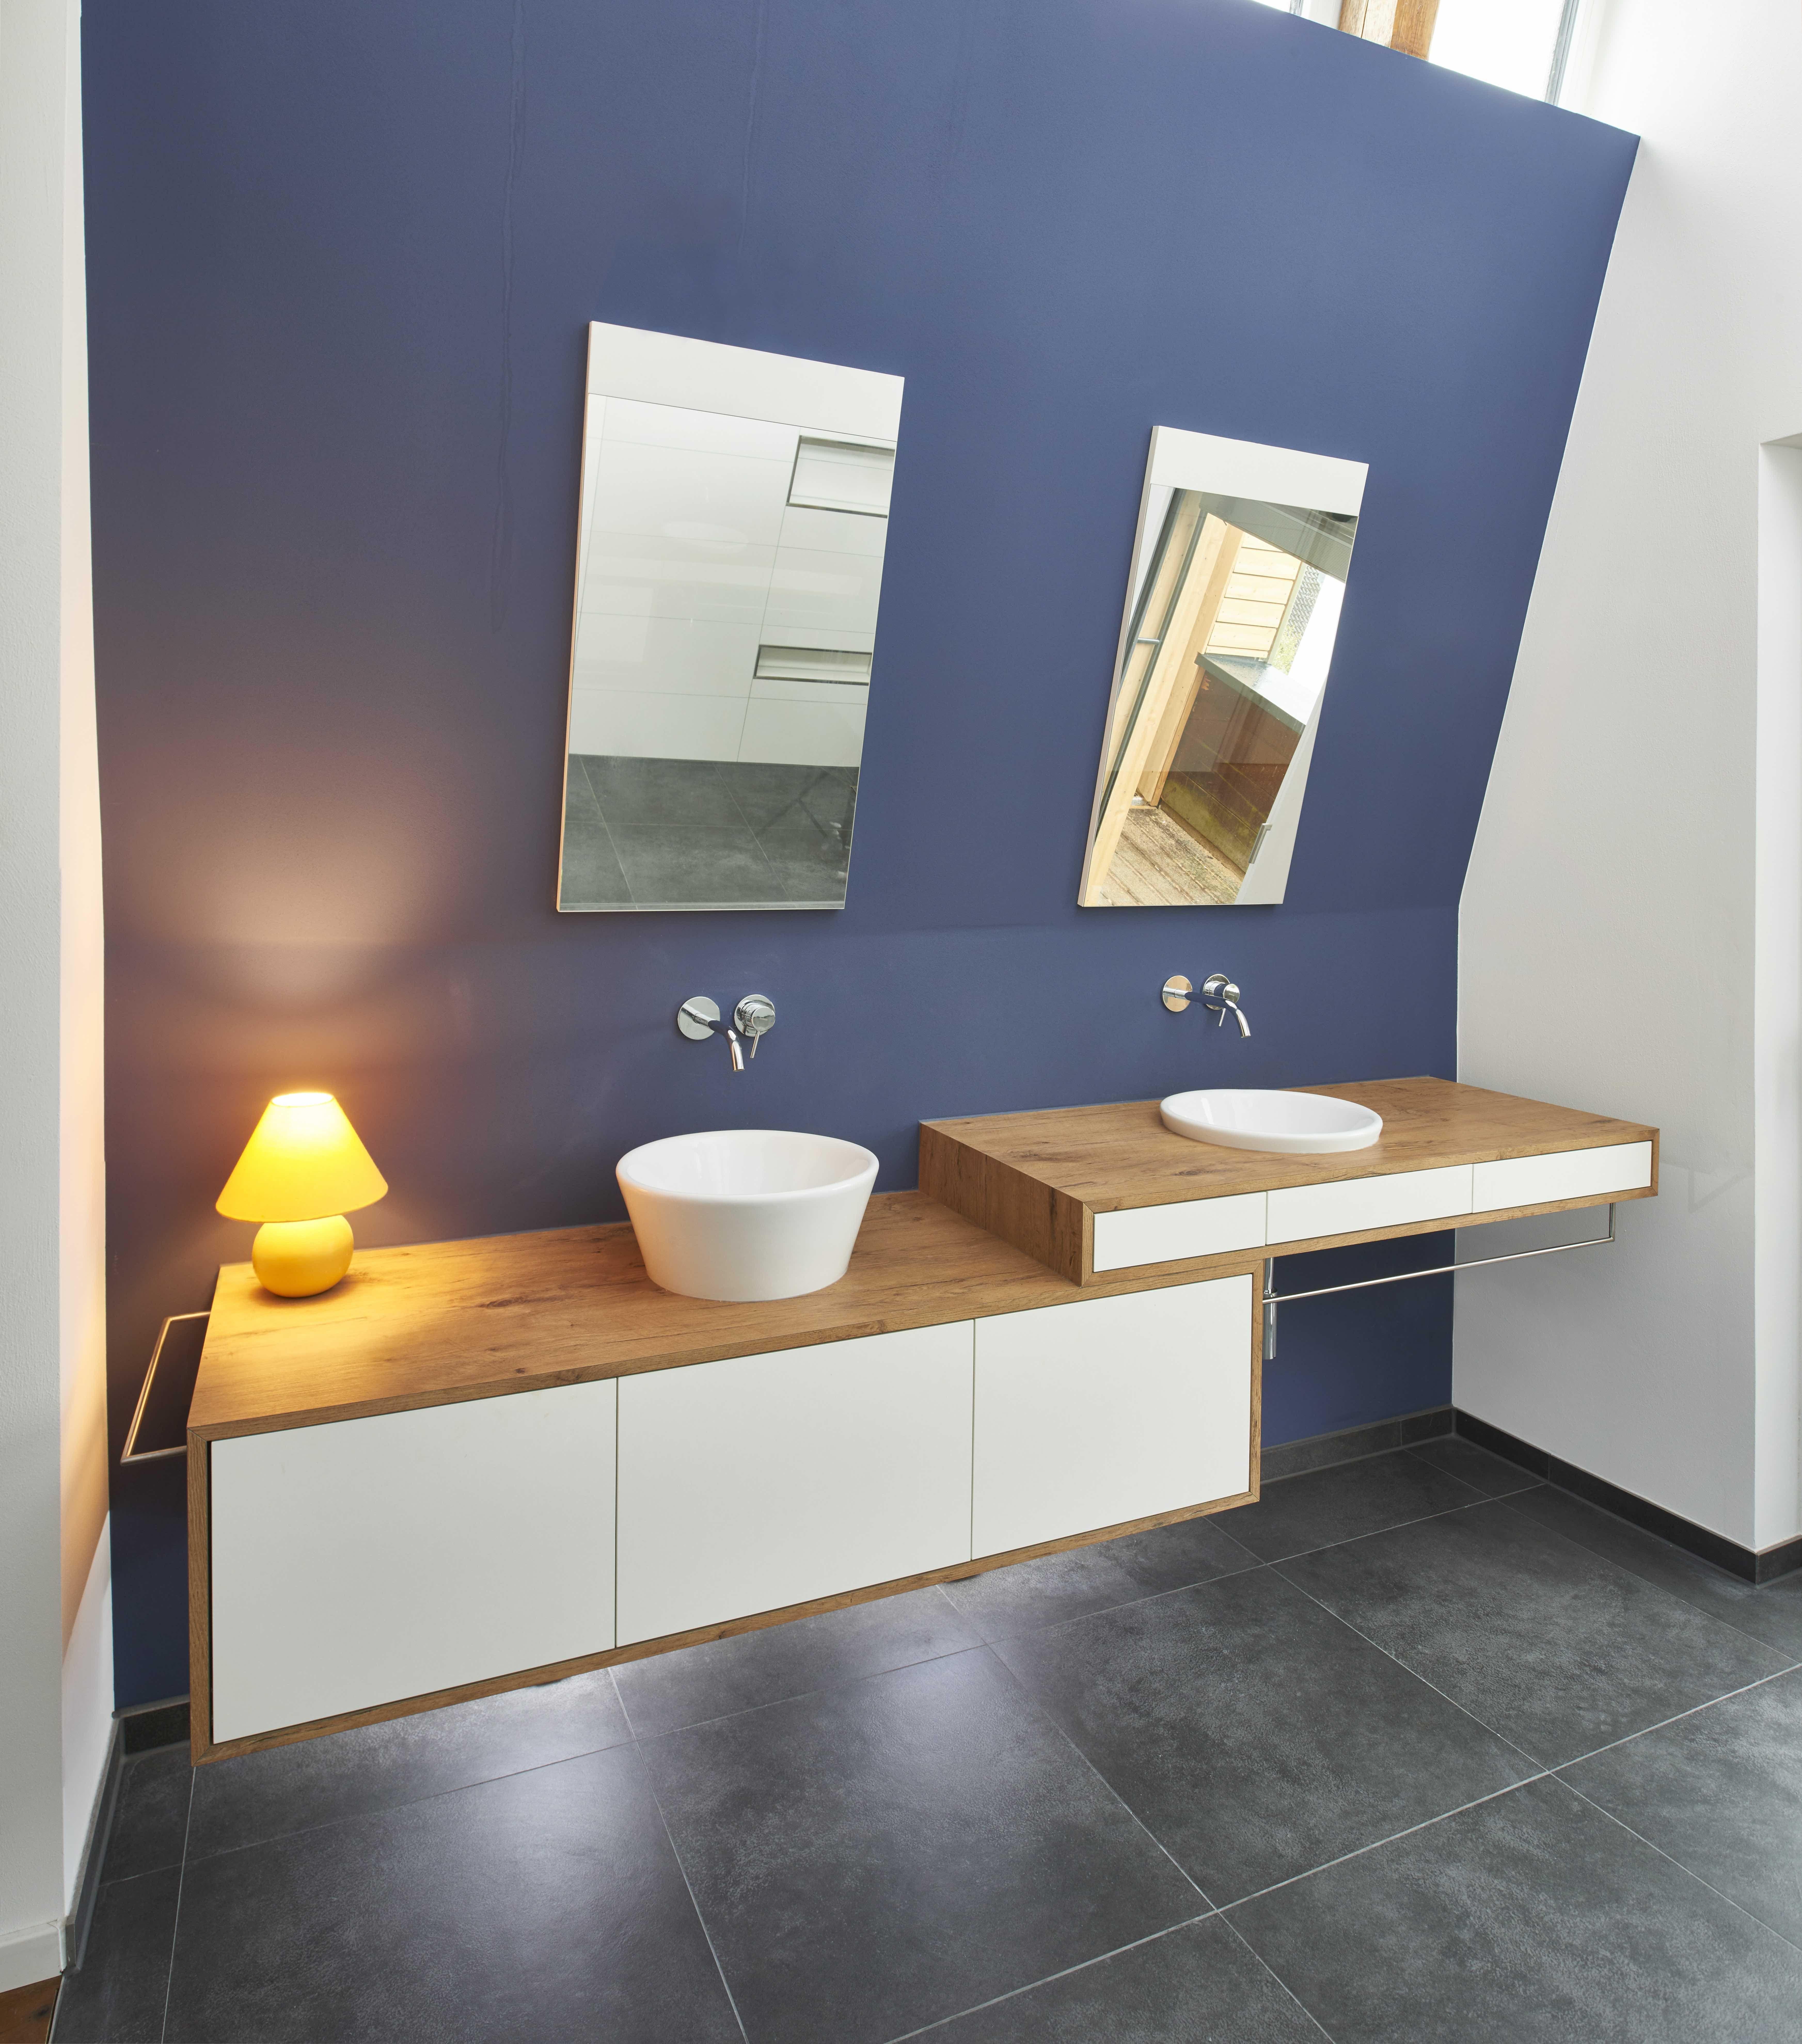 Dieses Bad besteht aus einem Aufsatzwaschbecken und einem